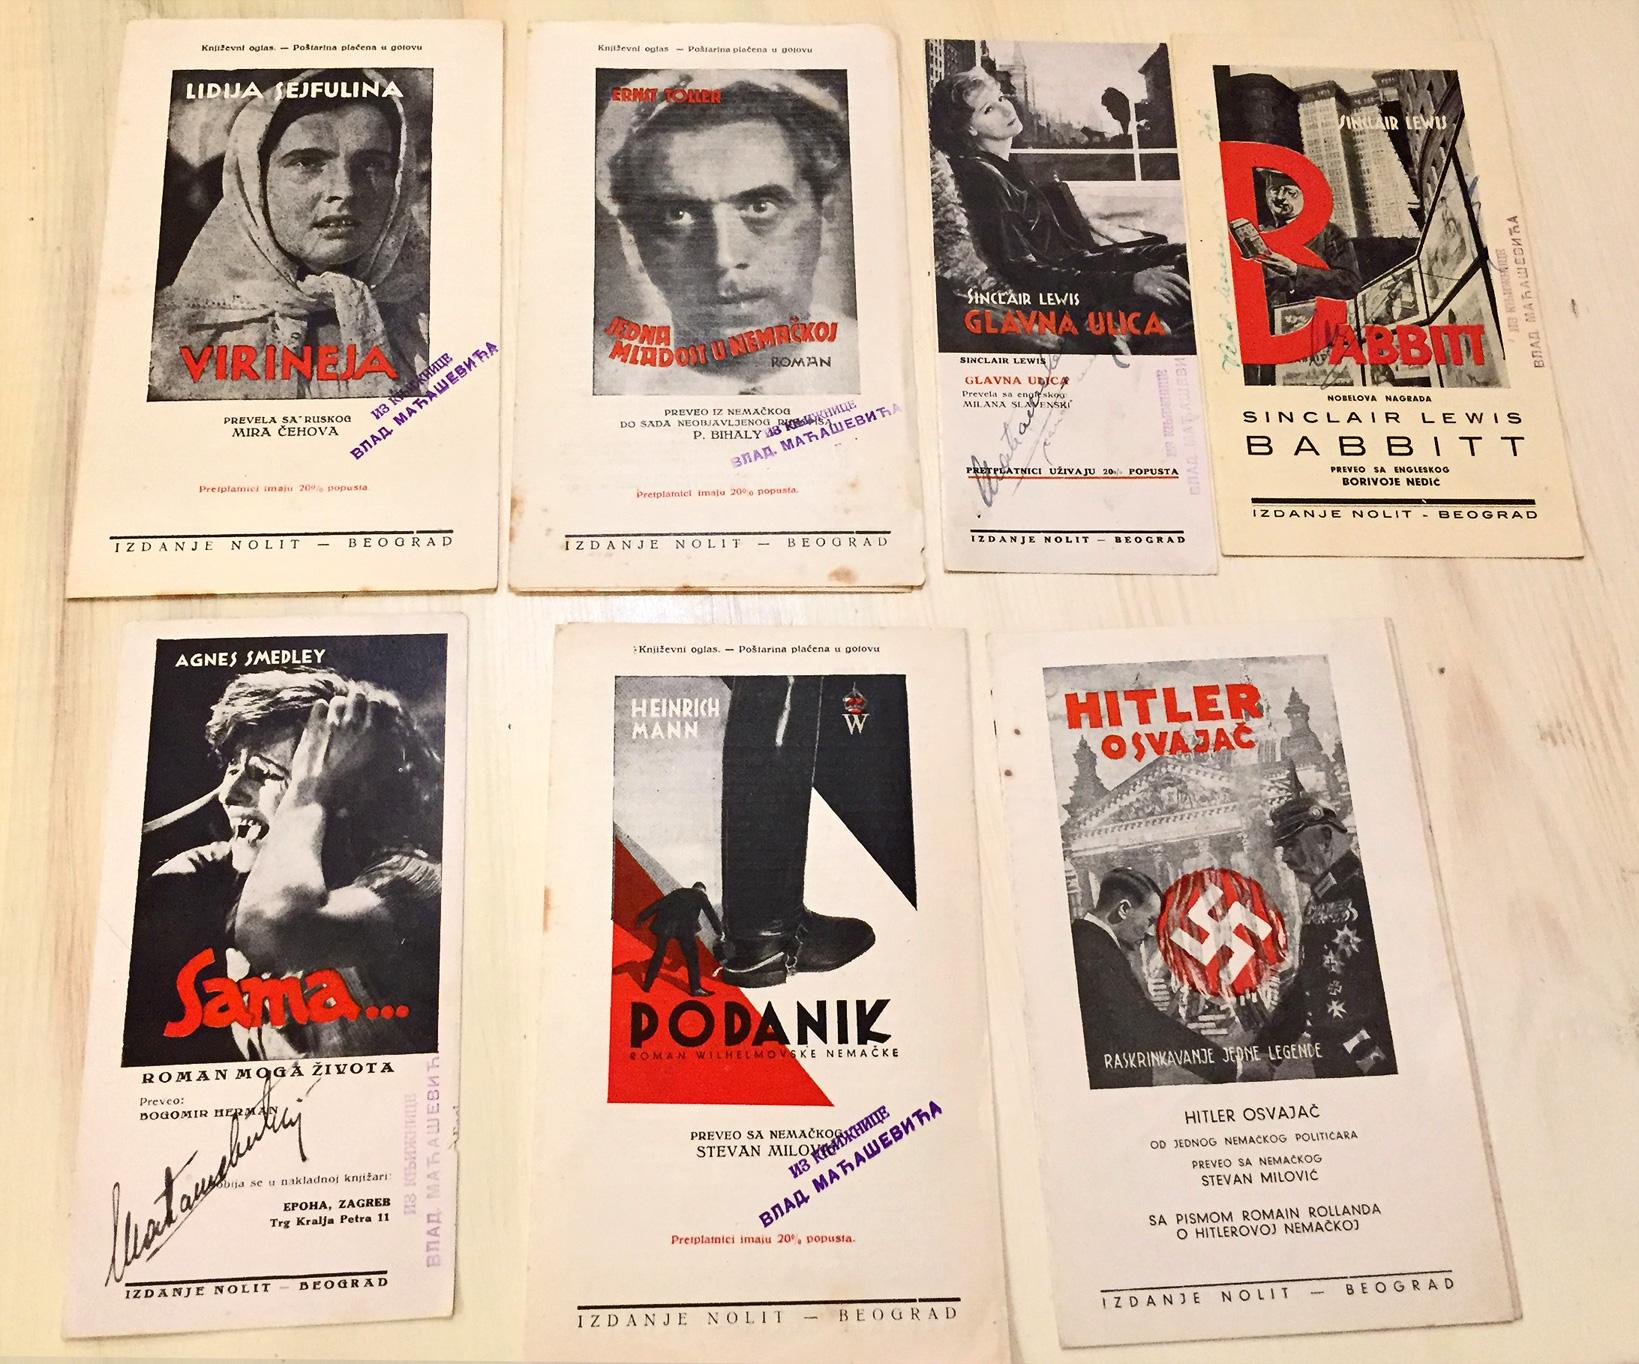 Nolit : Književni oglasi iz ranih 30-tih godina XX veka